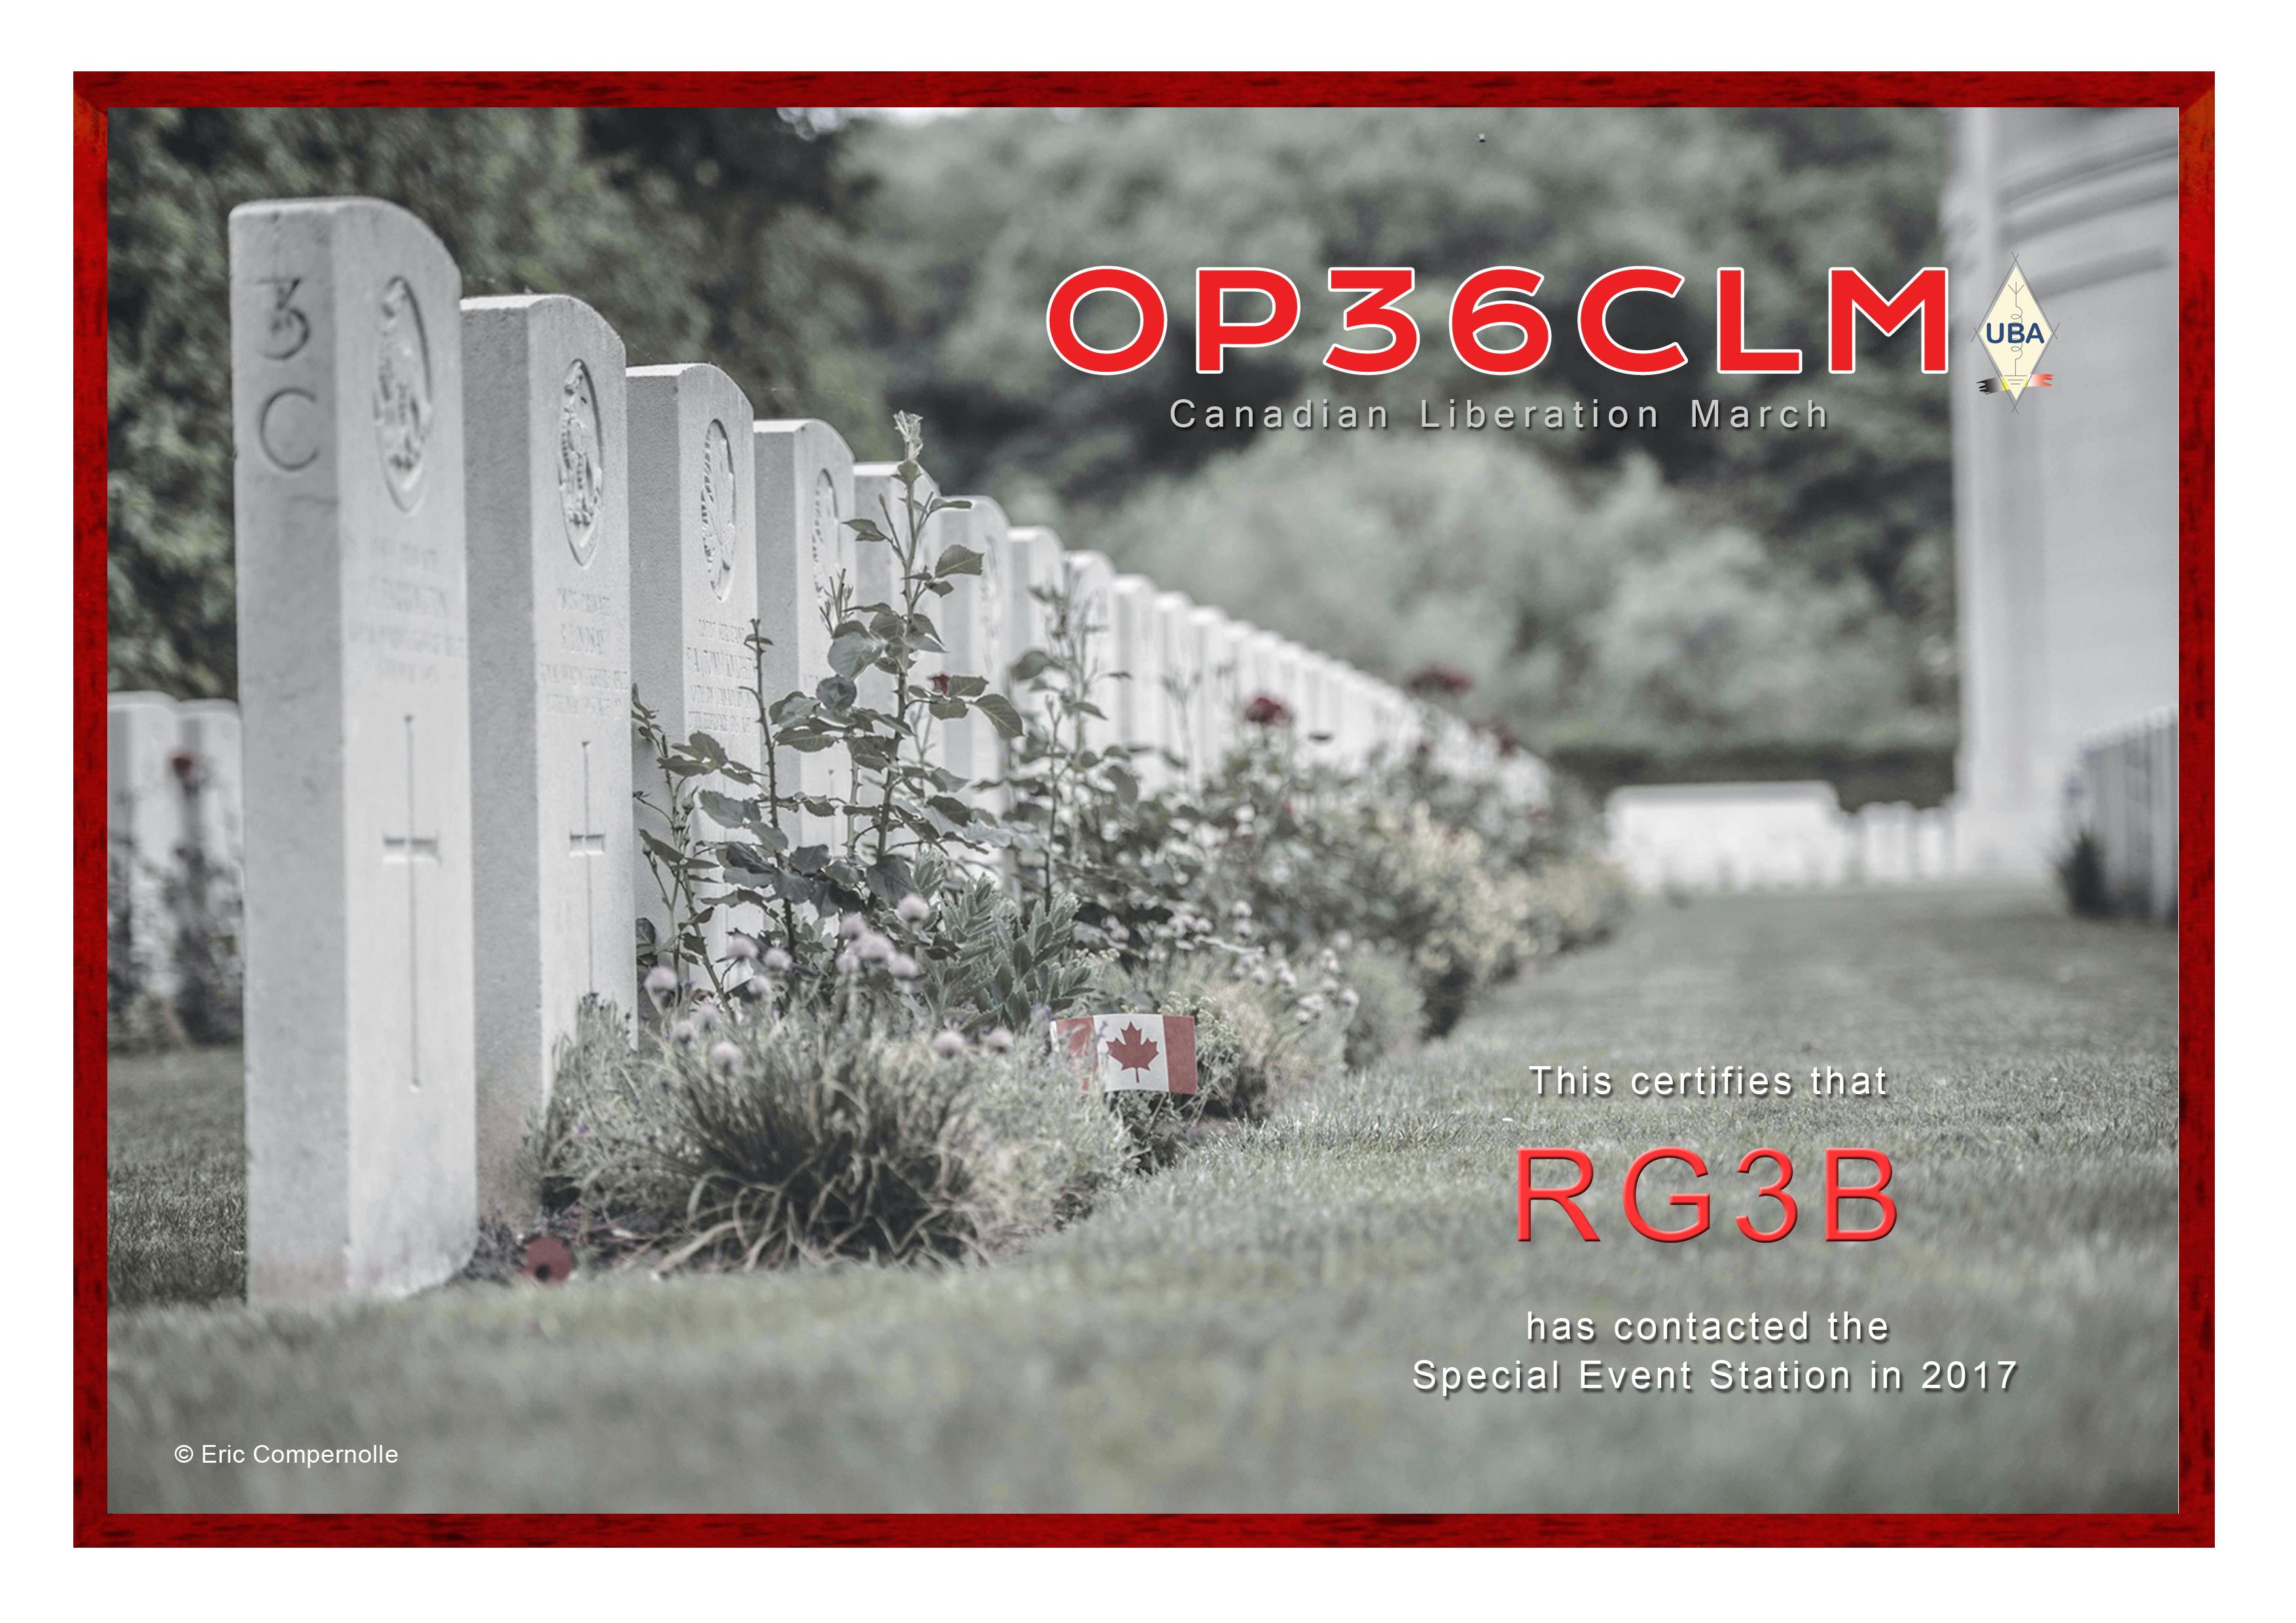 Нажмите на изображение для увеличения.  Название:OP36CLM-RG3B.jpg Просмотров:7 Размер:1.53 Мб ID:215527